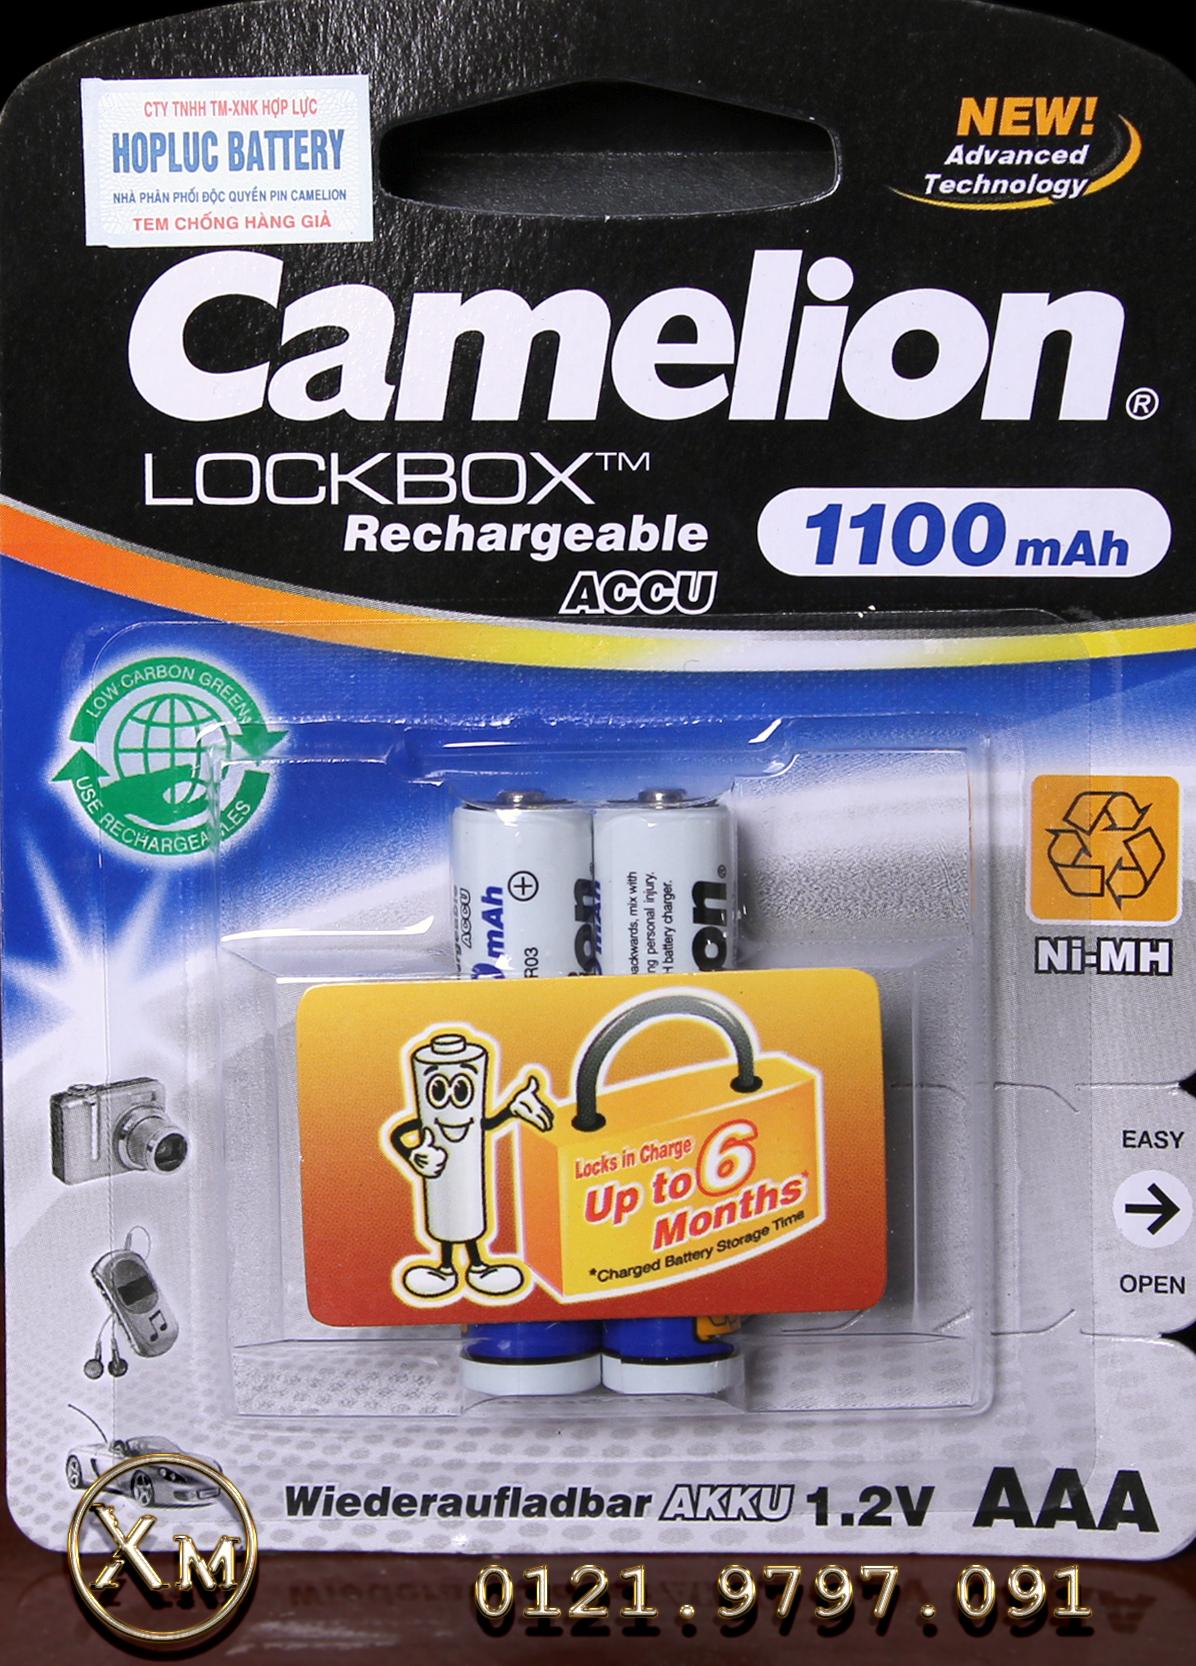 Phân phối pin, sạc camelion, thẻ nhớ chính hãng giá tốt nhất - 30